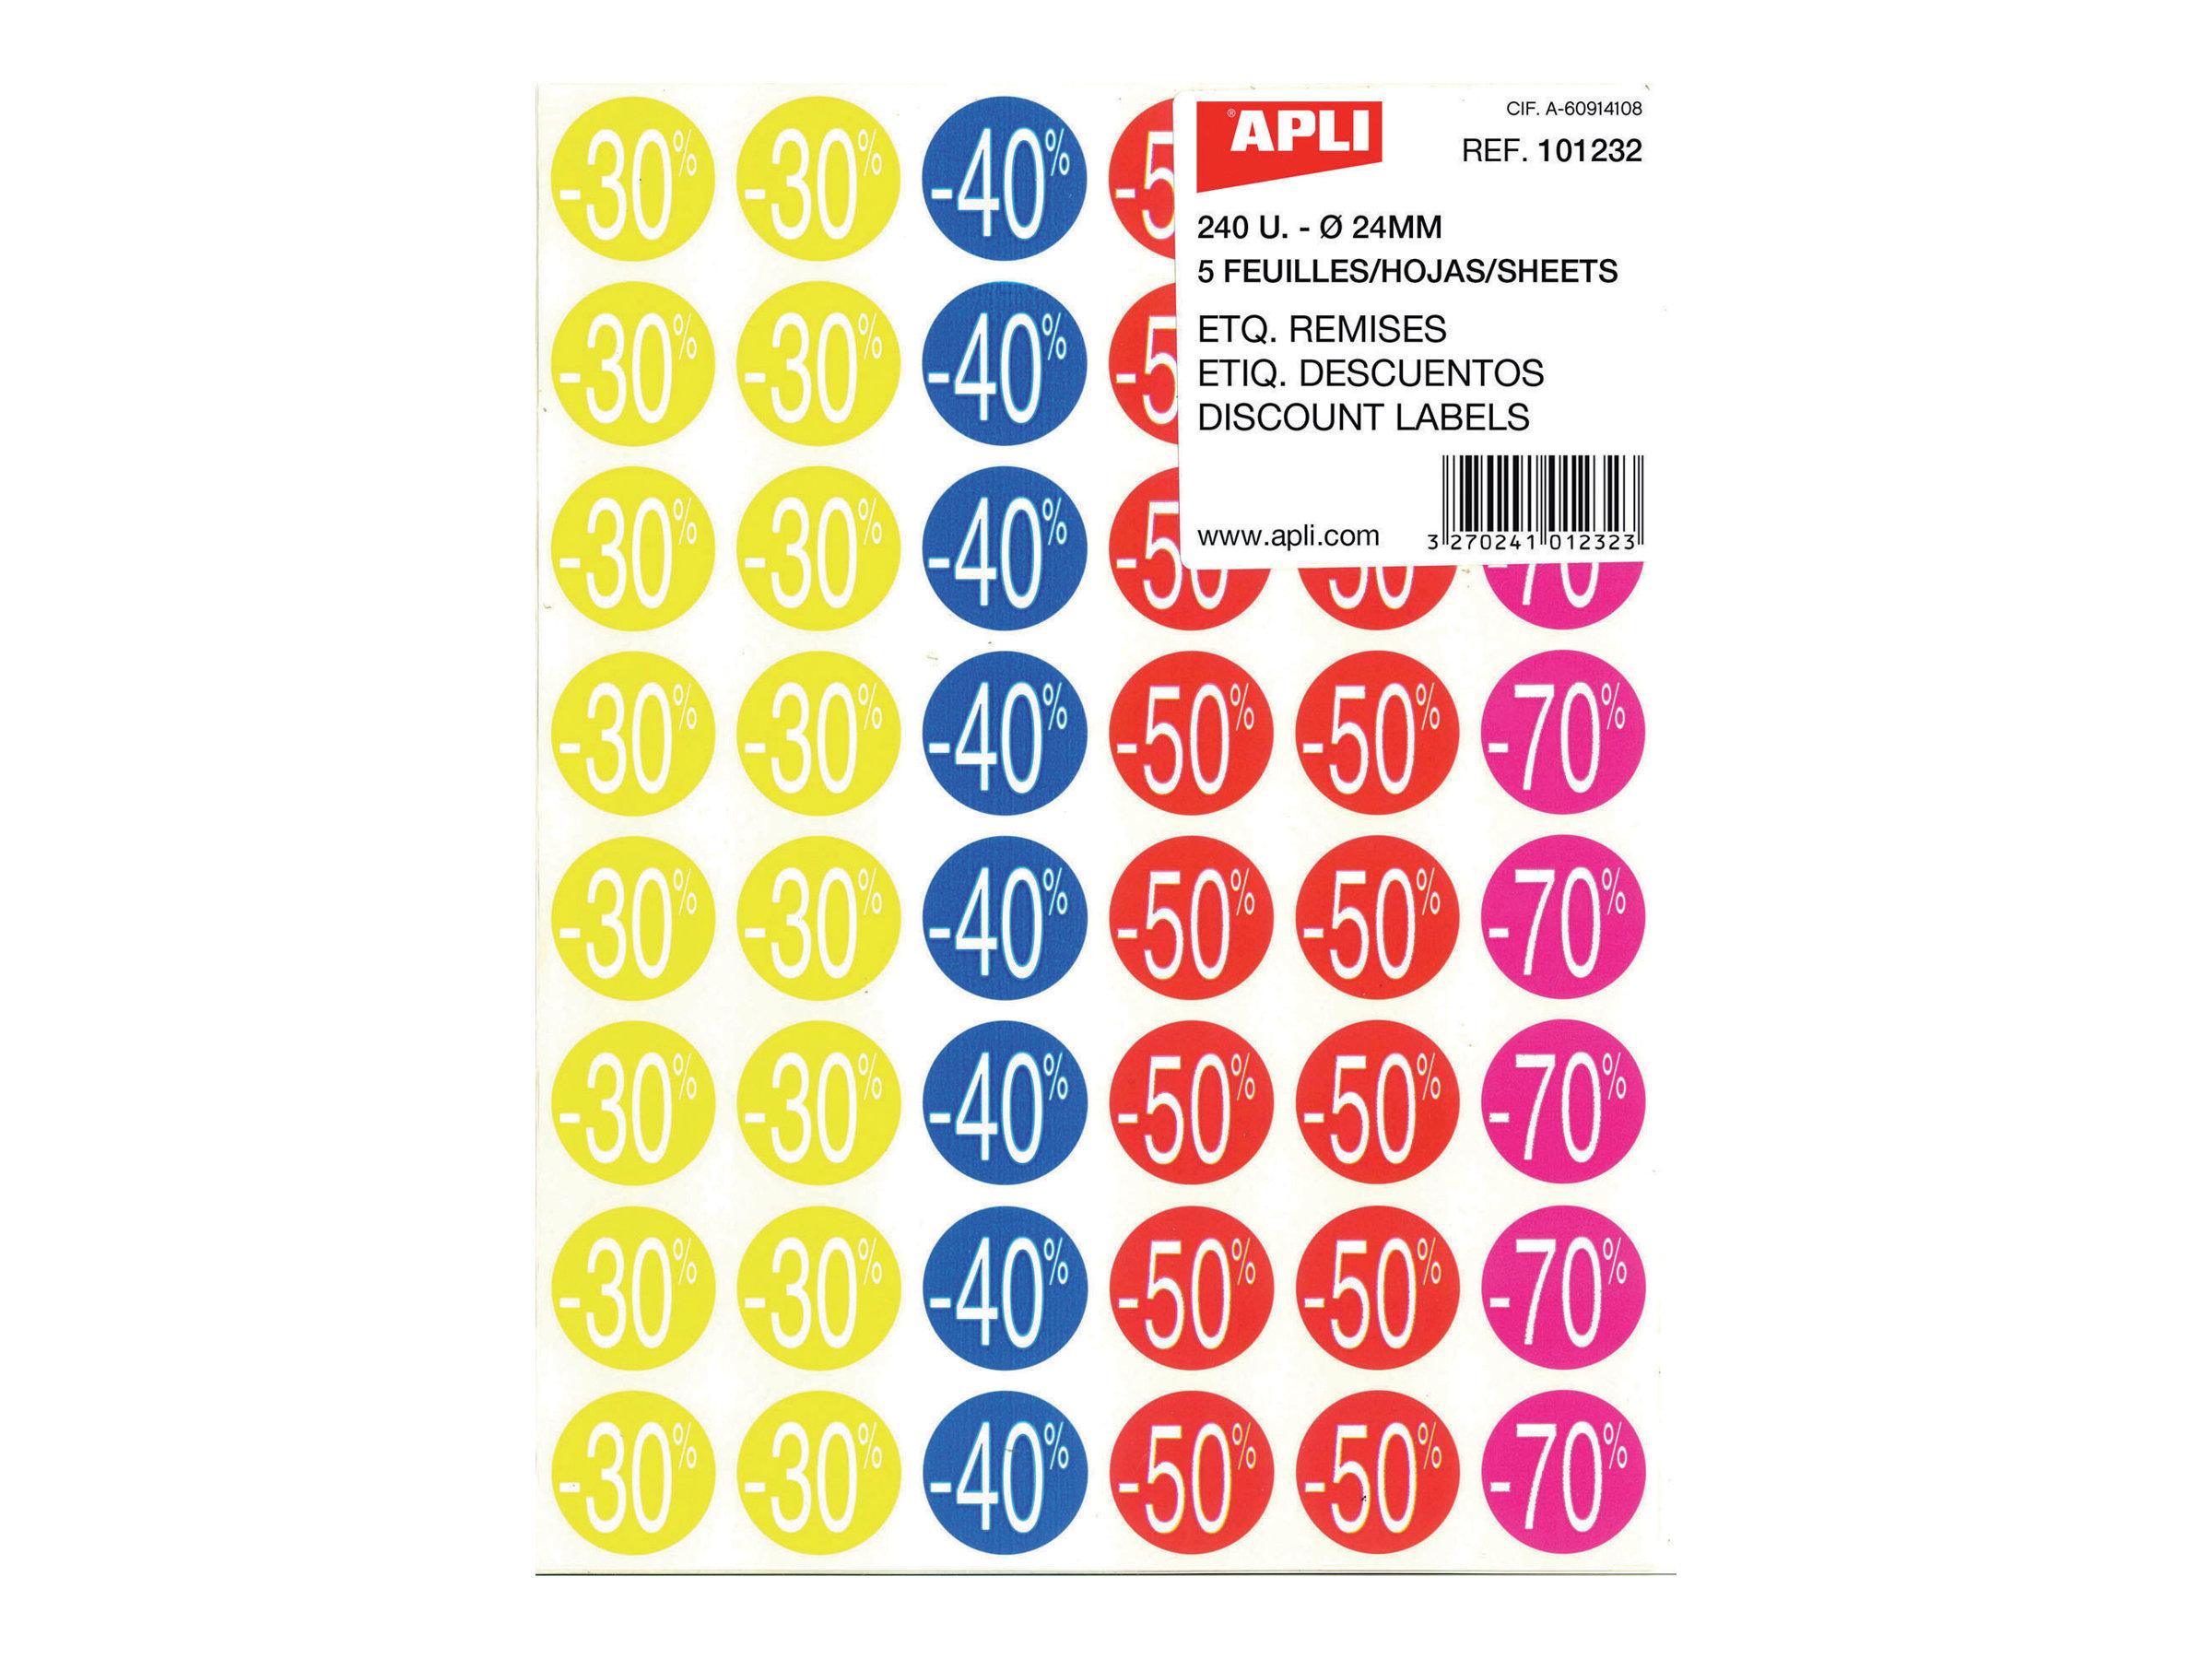 Apli Agipa - 240 Pastilles adhésives - étiquettes remise - couleurs assorties